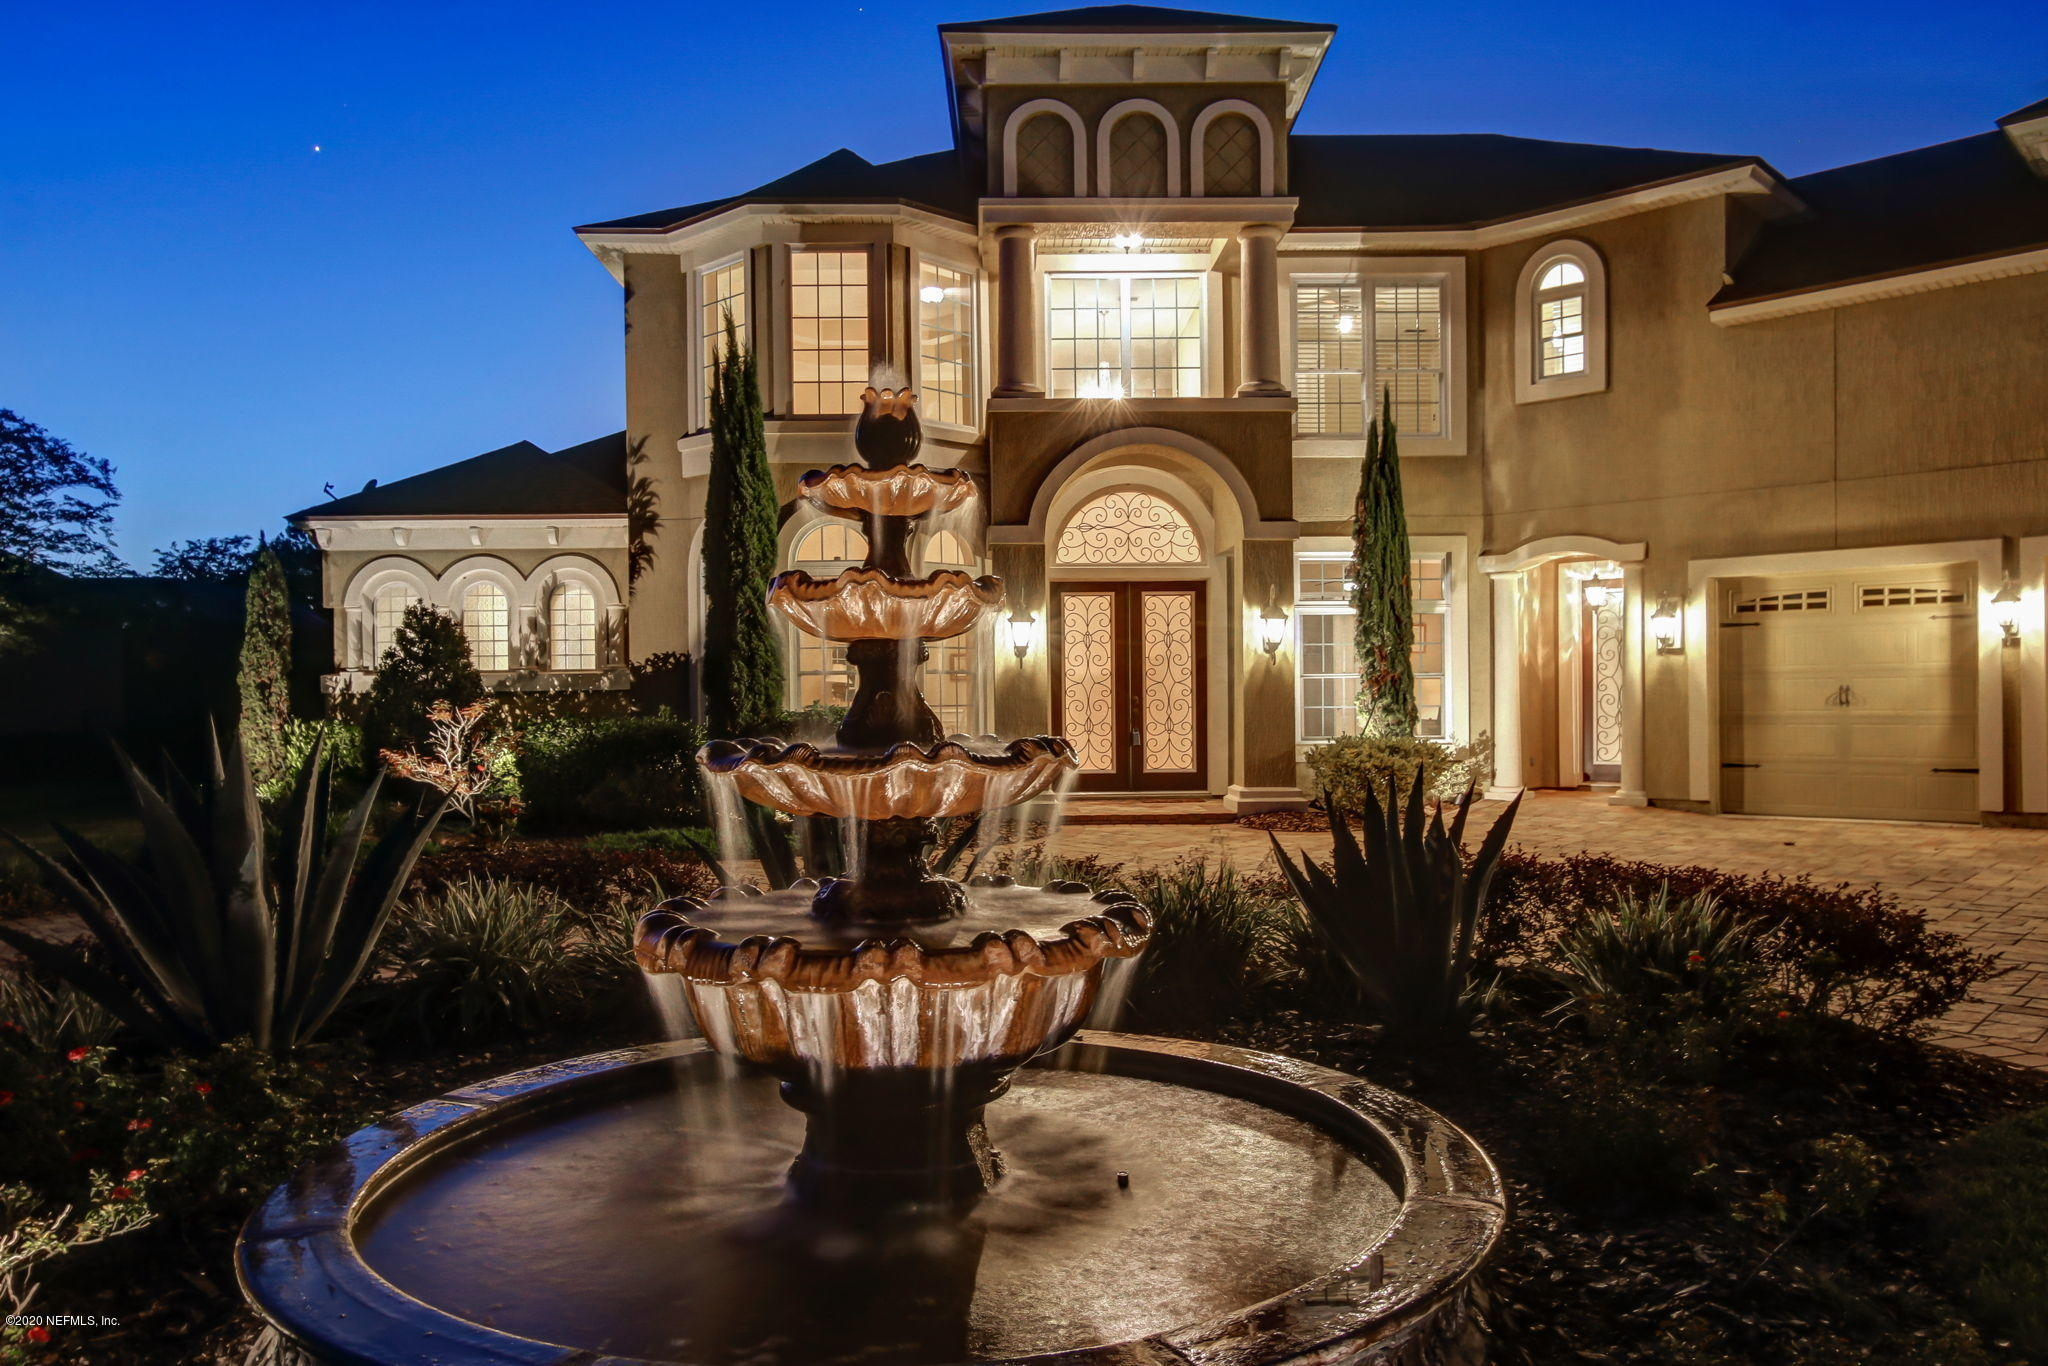 2017 CROWN, ST AUGUSTINE, FLORIDA 32092, 5 Bedrooms Bedrooms, ,4 BathroomsBathrooms,Residential,For sale,CROWN,1052622